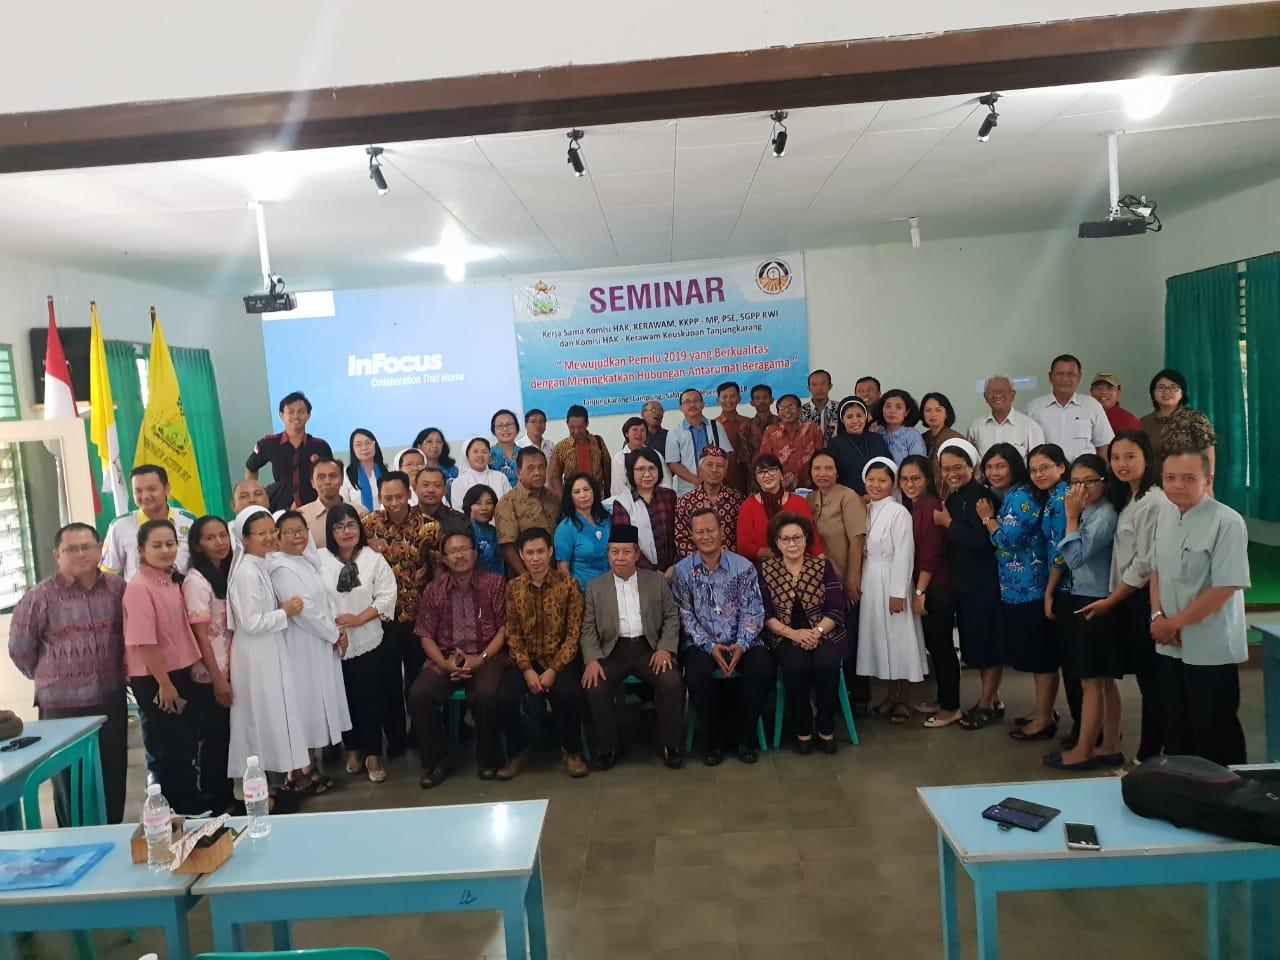 """Peserta seminar sehari Mewujudkan Pemilu 2019 yang Berkualitas dengan tema """"Meningkatkan Hubungan Antar Umat Beragama"""" di Wisma St. Albertus Bandar Lampung, Sabtu, 15 Desember 2018. Foto : Robert/Radio Suara Wajar Bandar Lampung."""